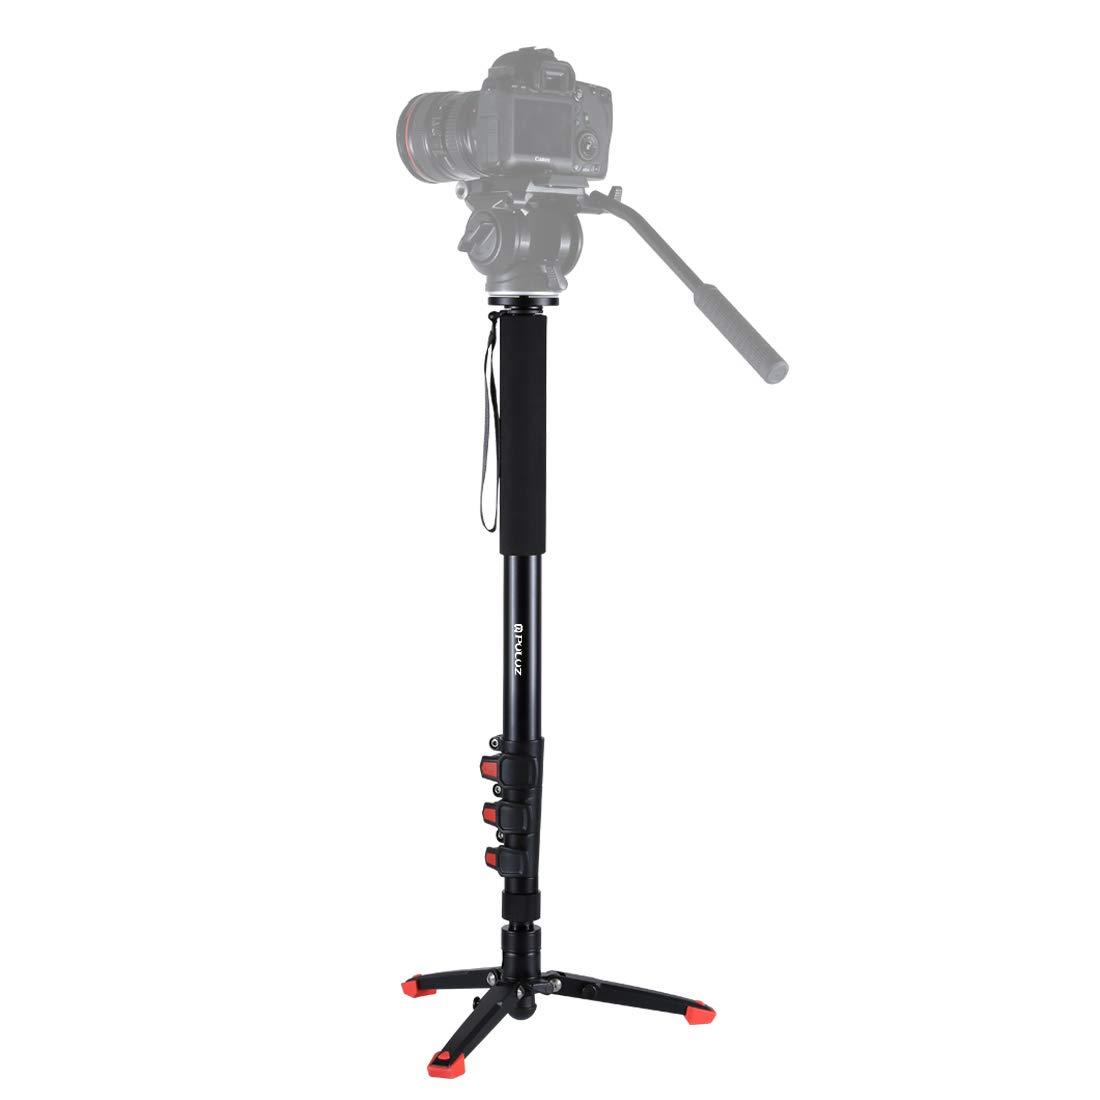 本物の KANEED カメラアクセサリー サポートベースブラケットを備えたPULUZ B07PJ7YHLY 4セクション伸縮式アルミニウム - マグネシウム合金自立モノポッド 三脚、一脚 三脚 KANEED、一脚 B07PJ7YHLY, 最安値挑戦!:9e252572 --- martinemoeykens.com